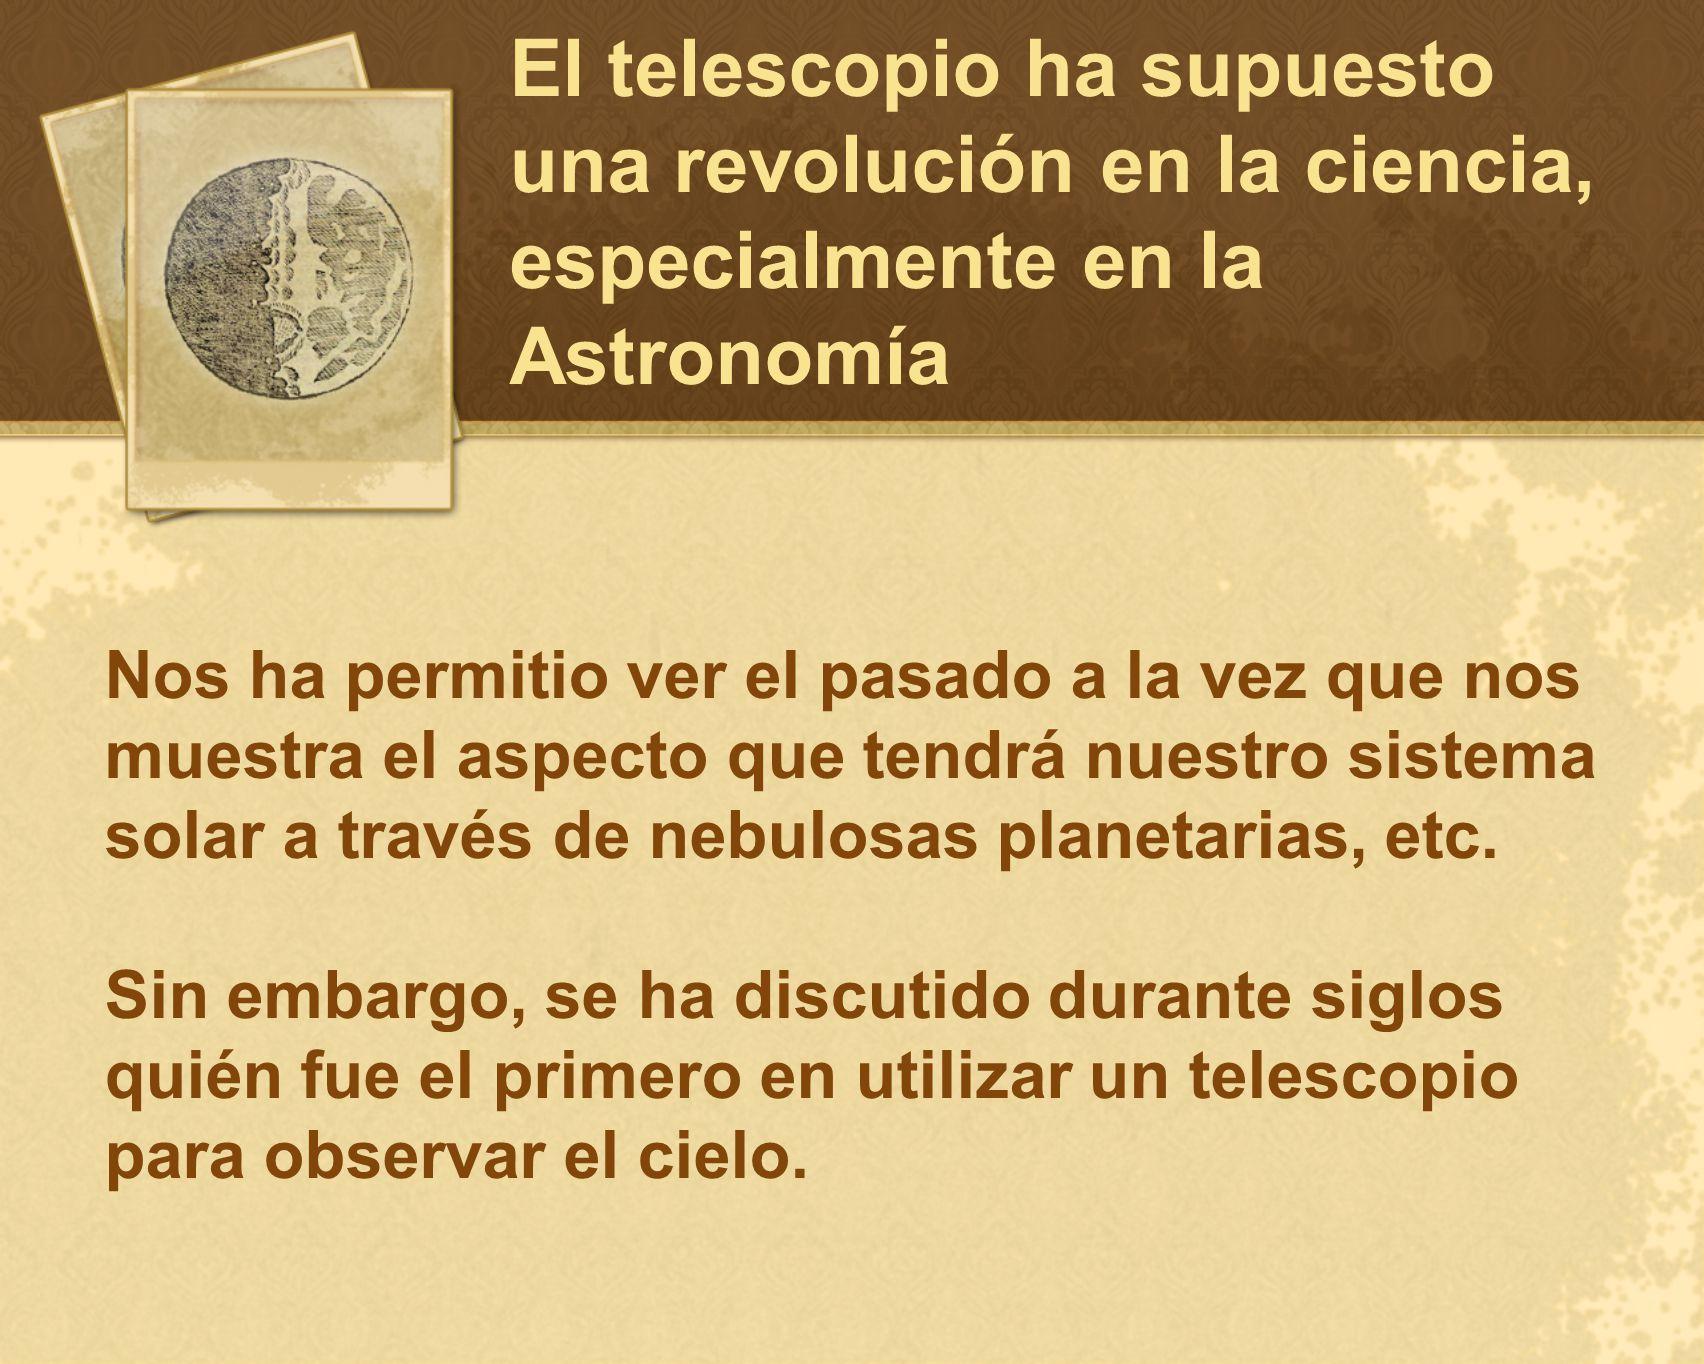 El telescopio ha supuesto una revolución en la ciencia, especialmente en la Astronomía